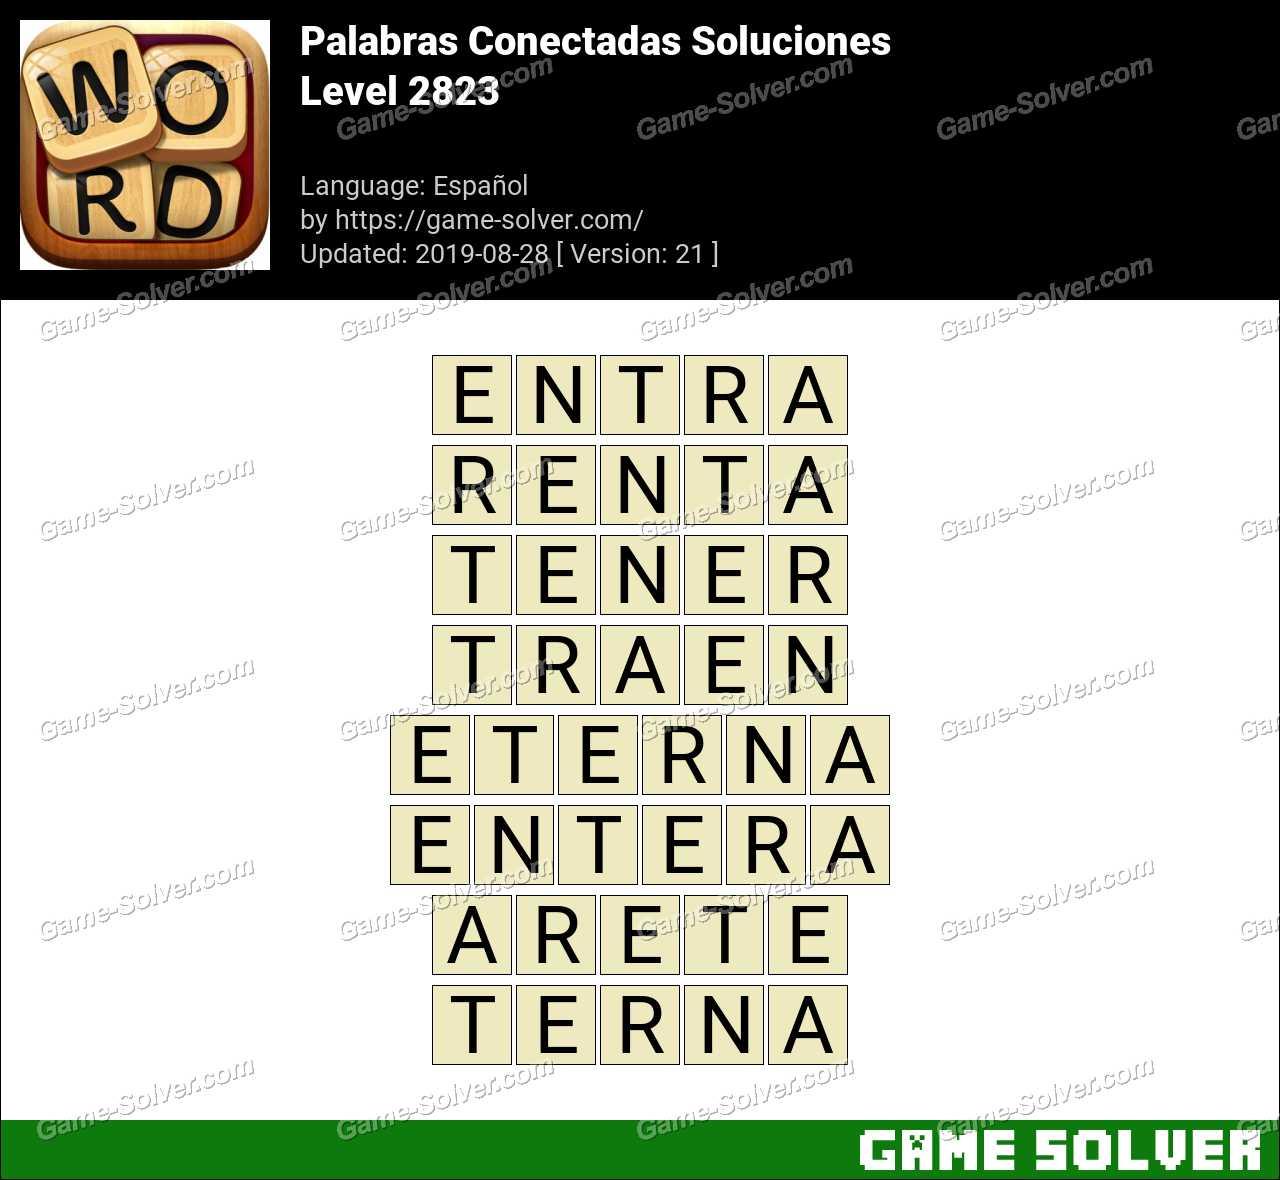 Palabras Conectadas Nivel 2823 Soluciones